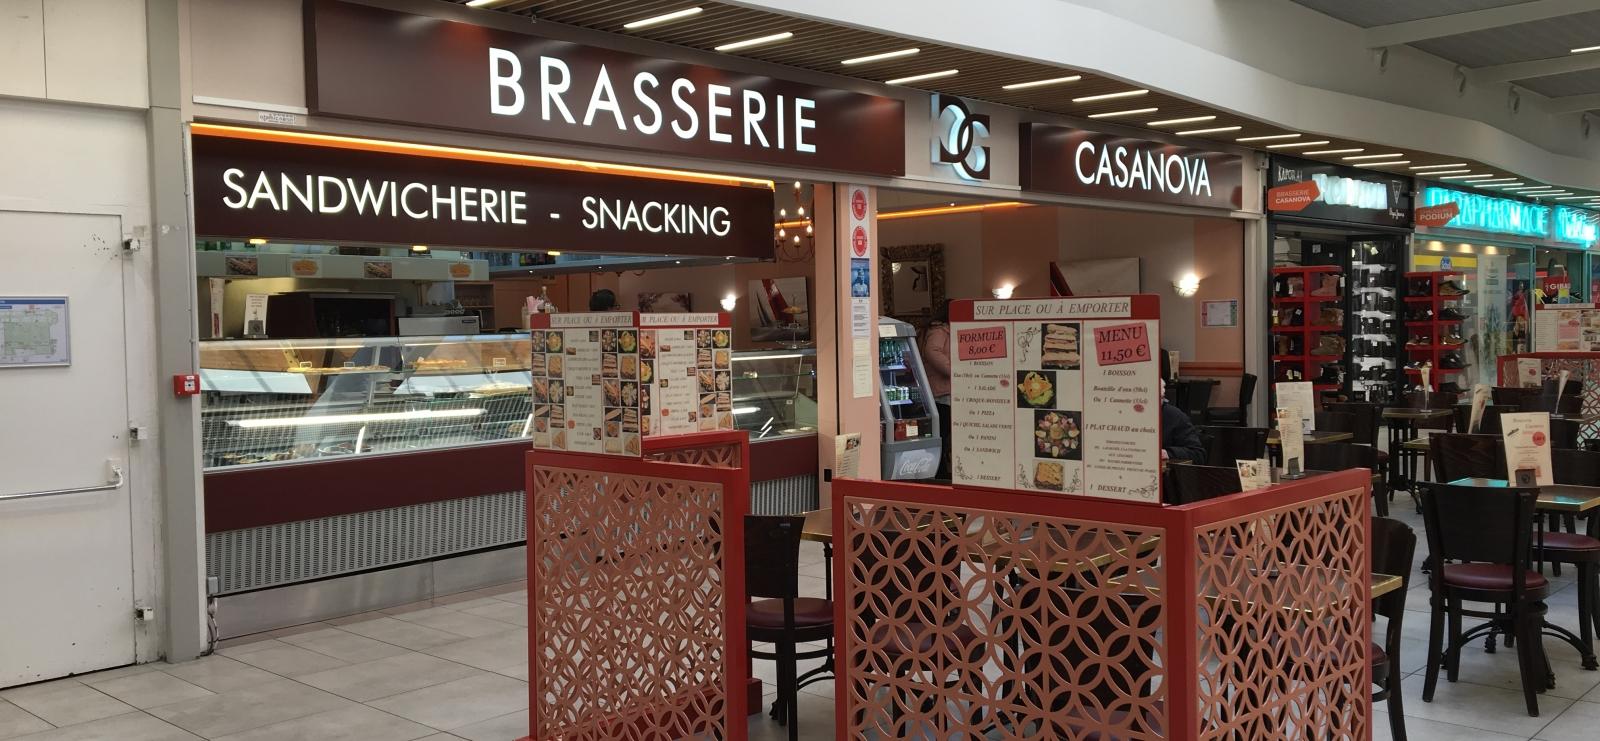 Brasserie Casanova